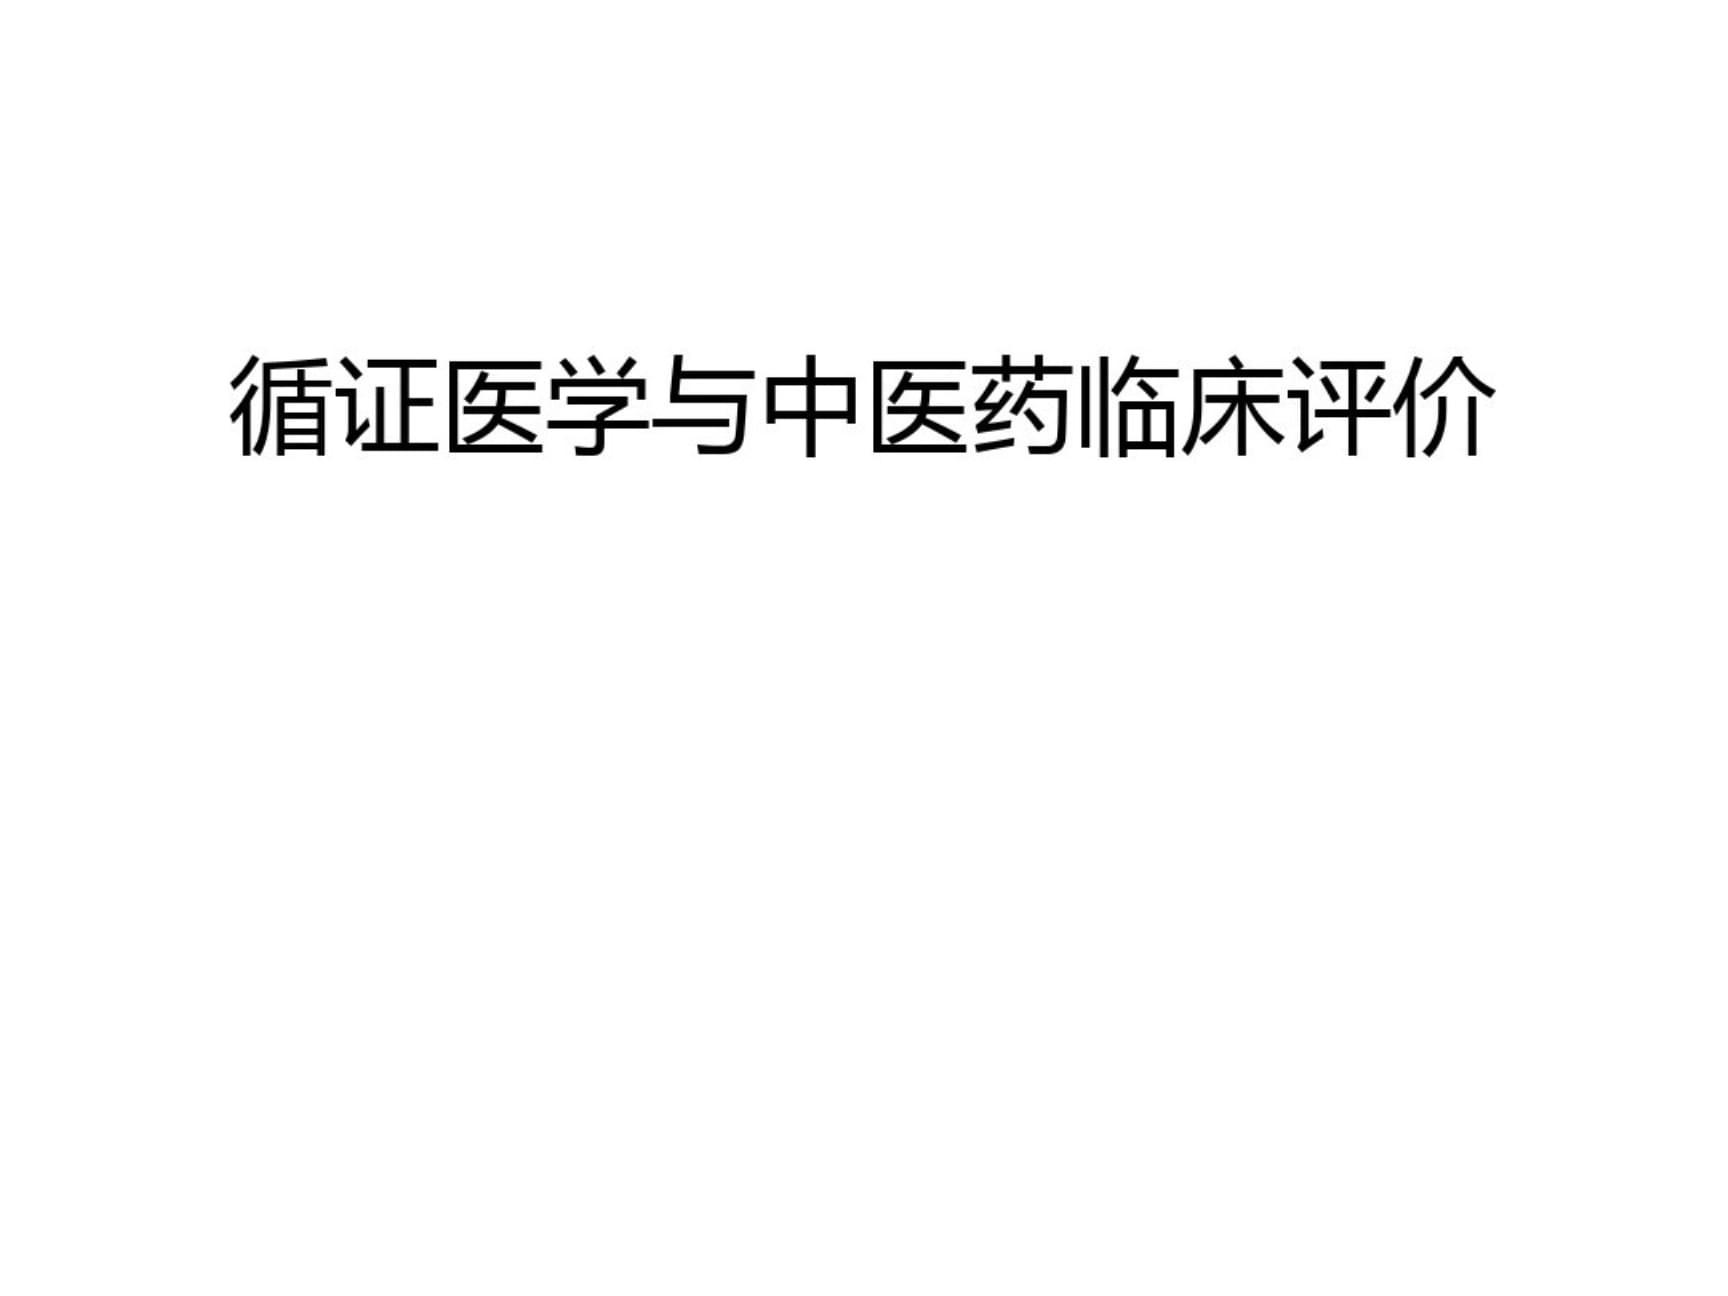 医疗健康--循证医学与中医药临床评价.pptx